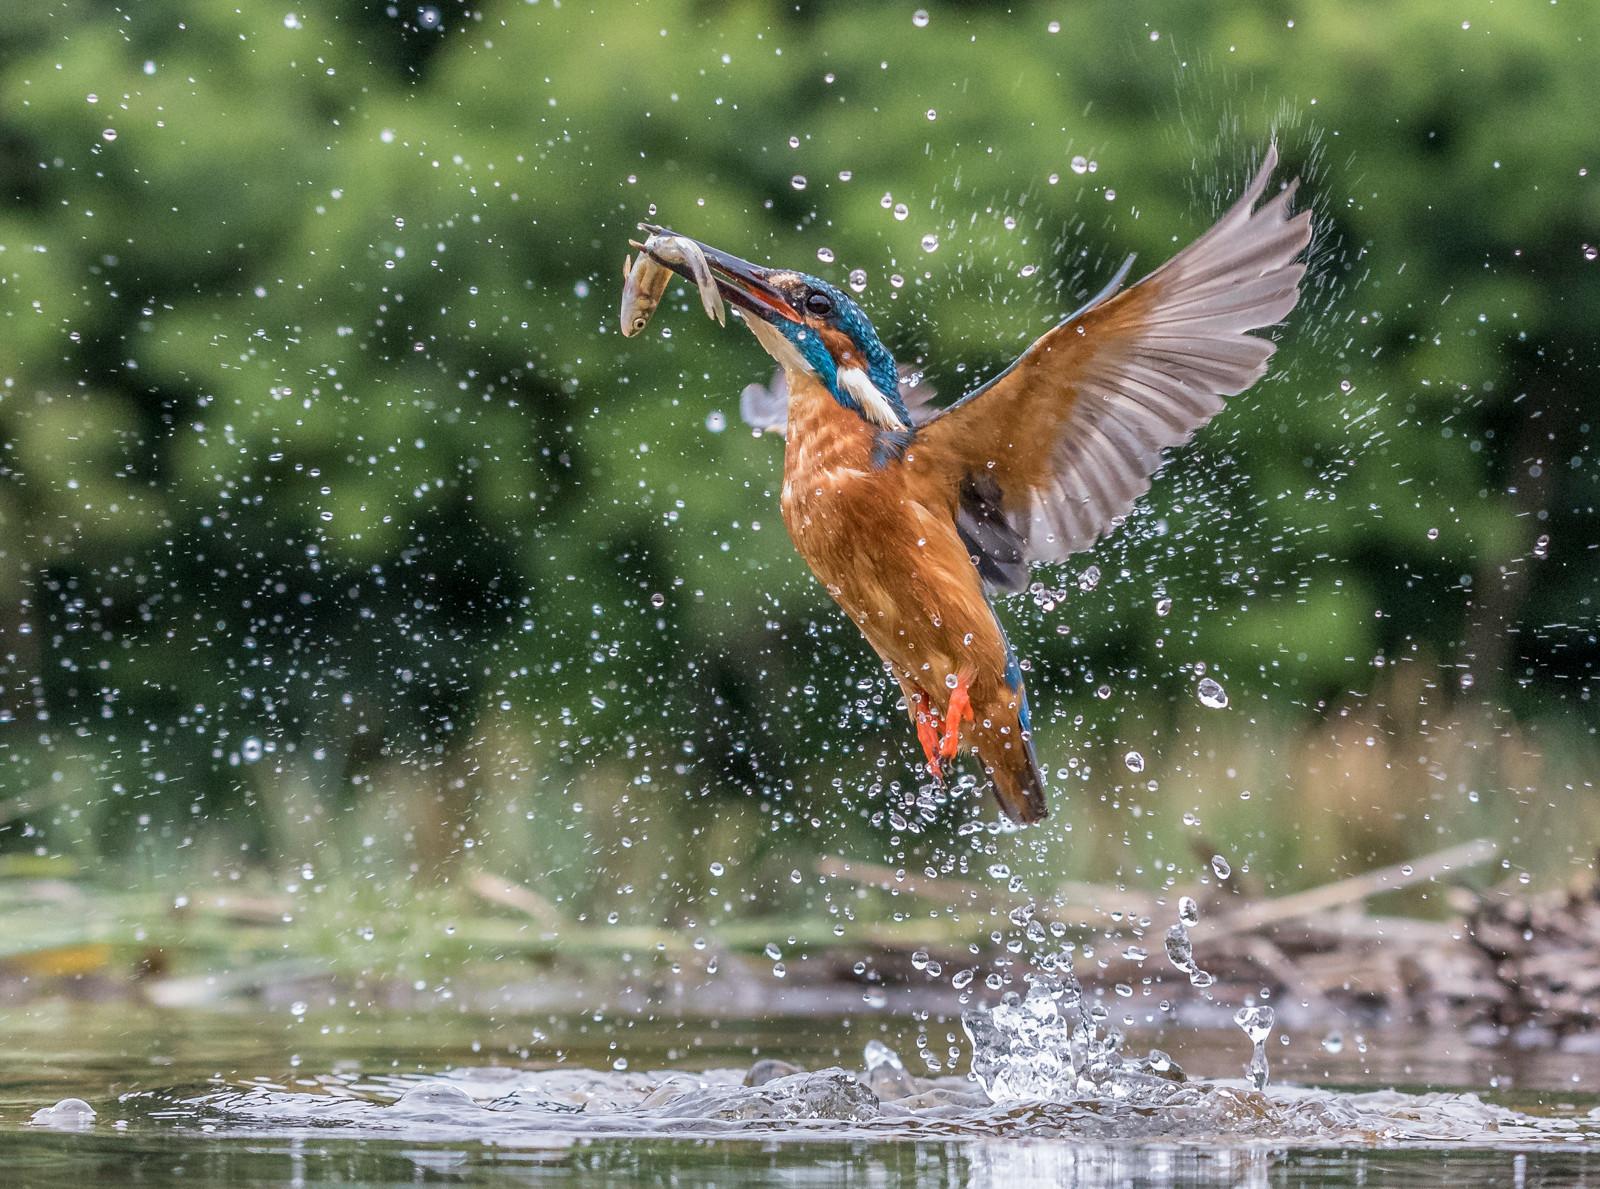 PDI - Kingfishing by Terry Hanna (13 marks)